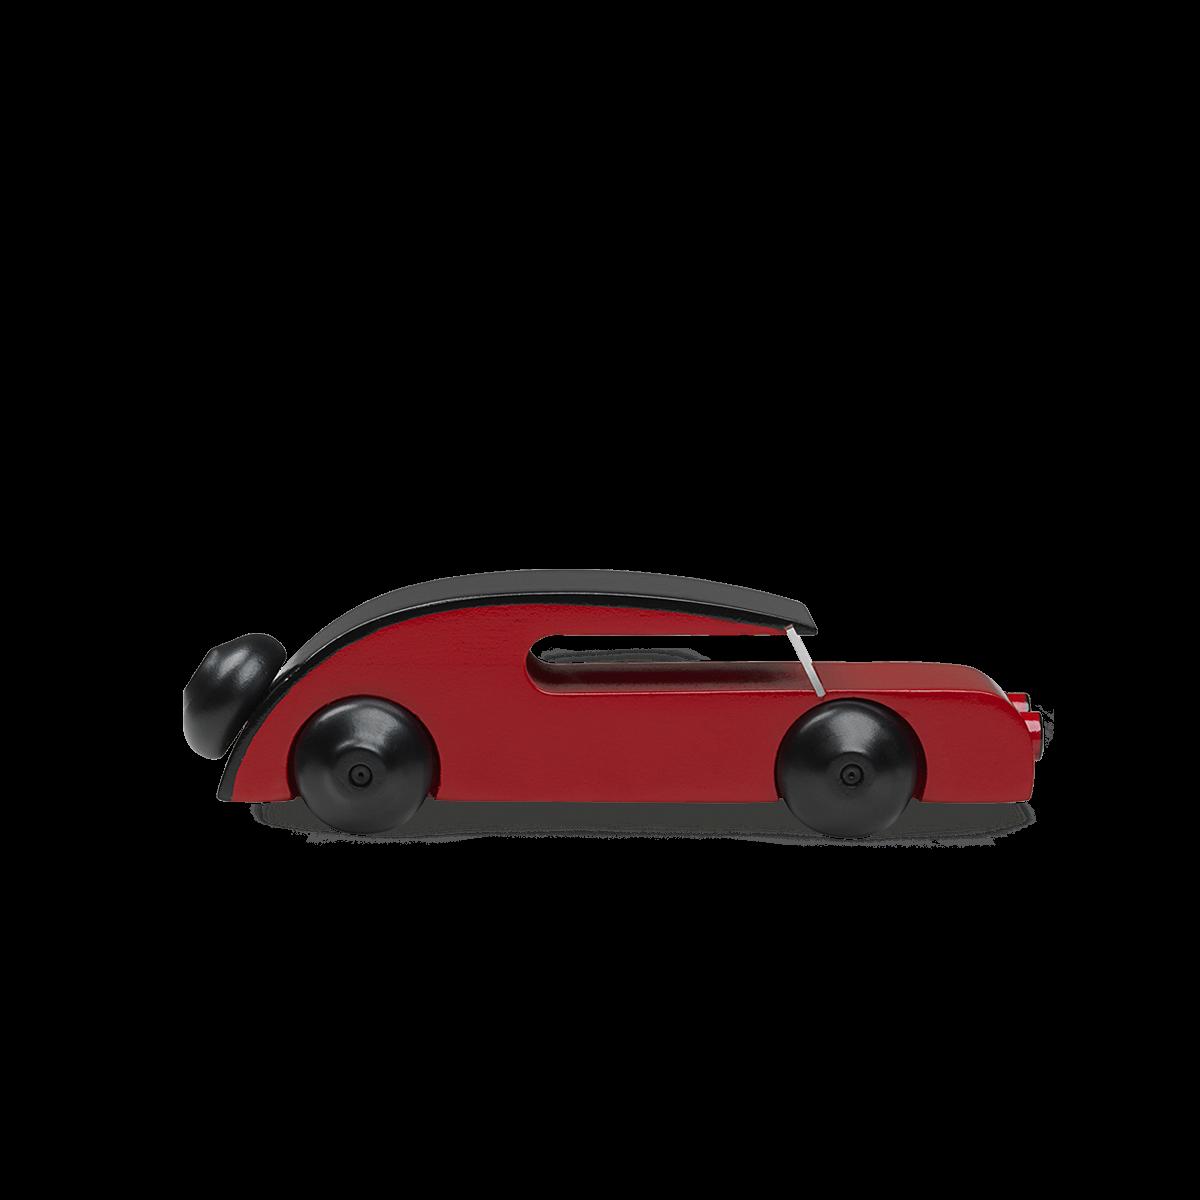 KAY BOJESEN Automobil malet bøgetræ 13 cm.